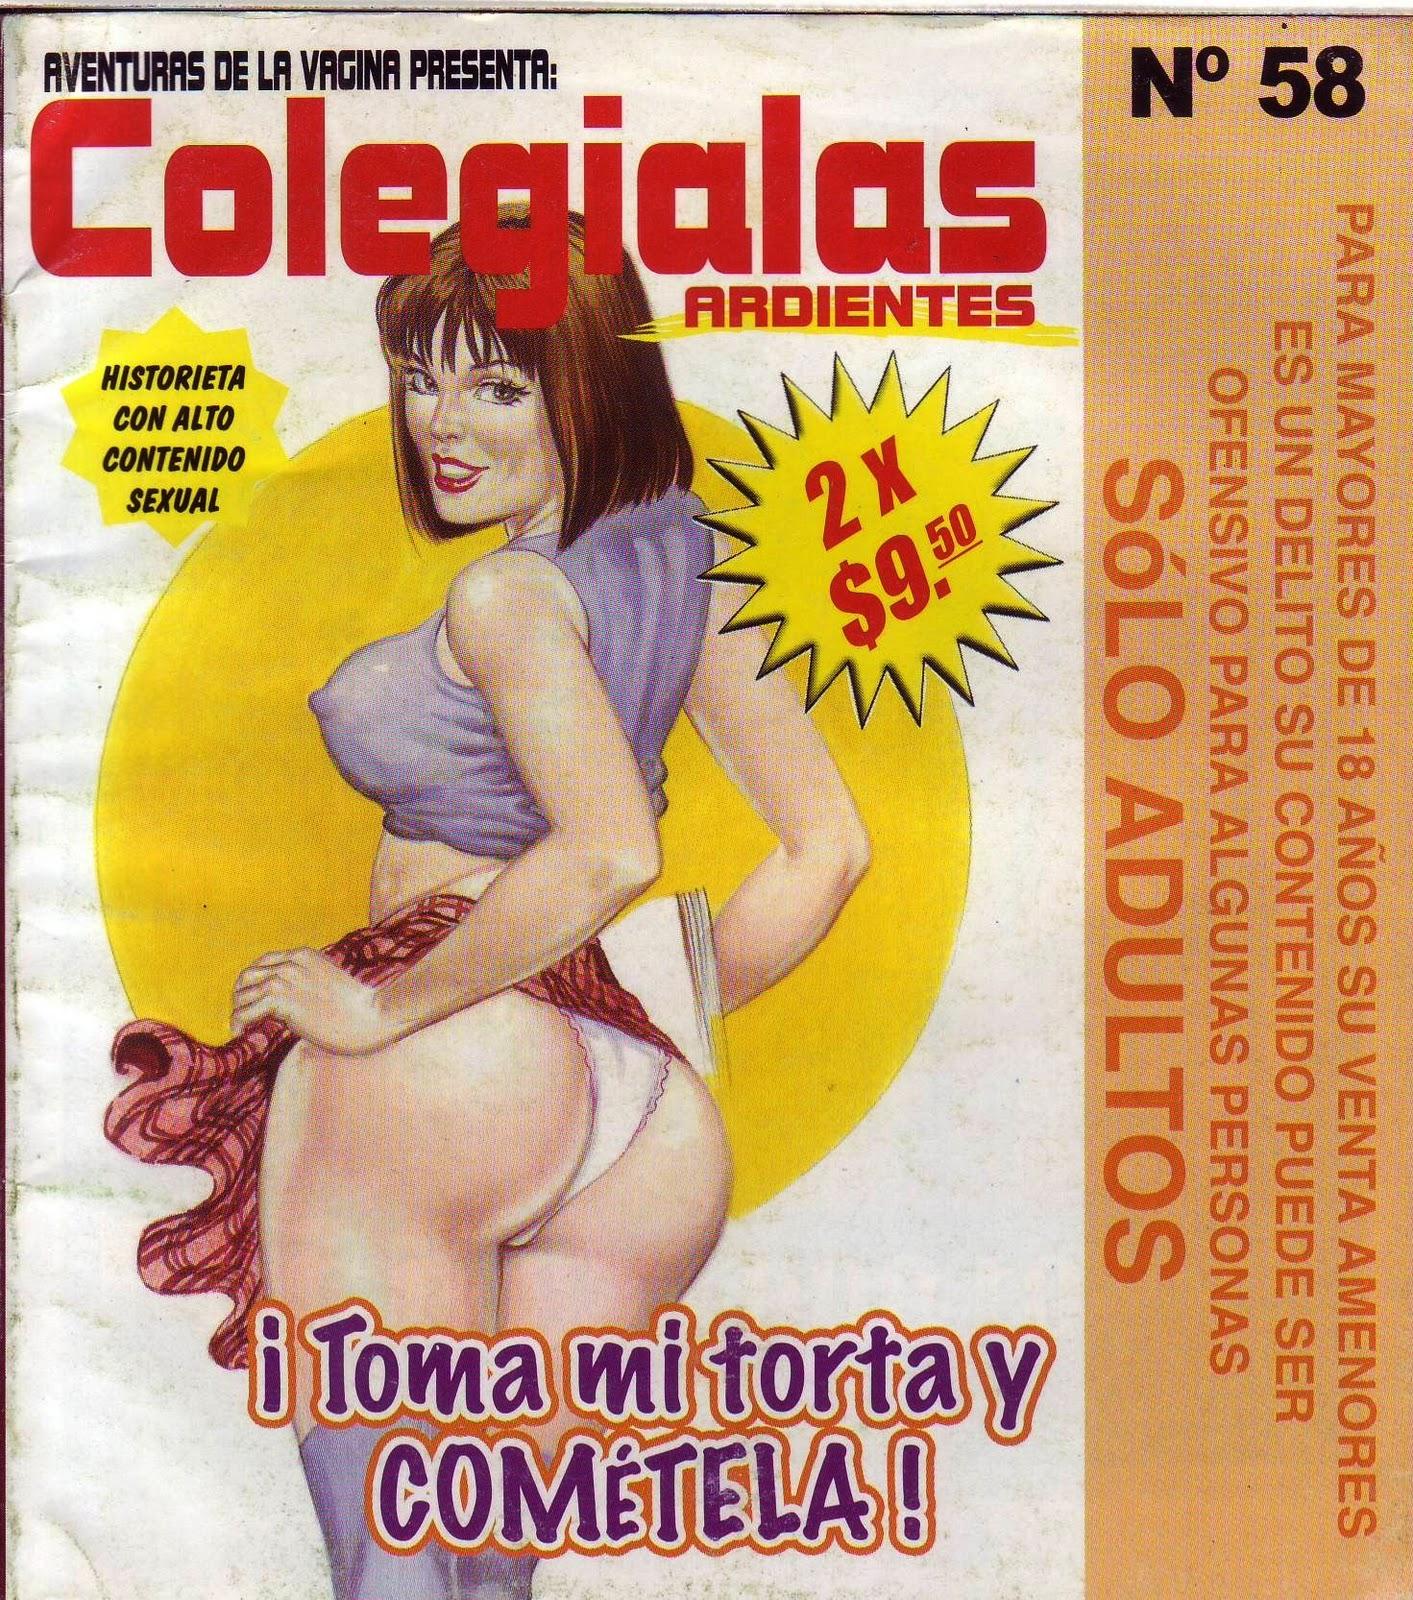 Colejialas ardientes